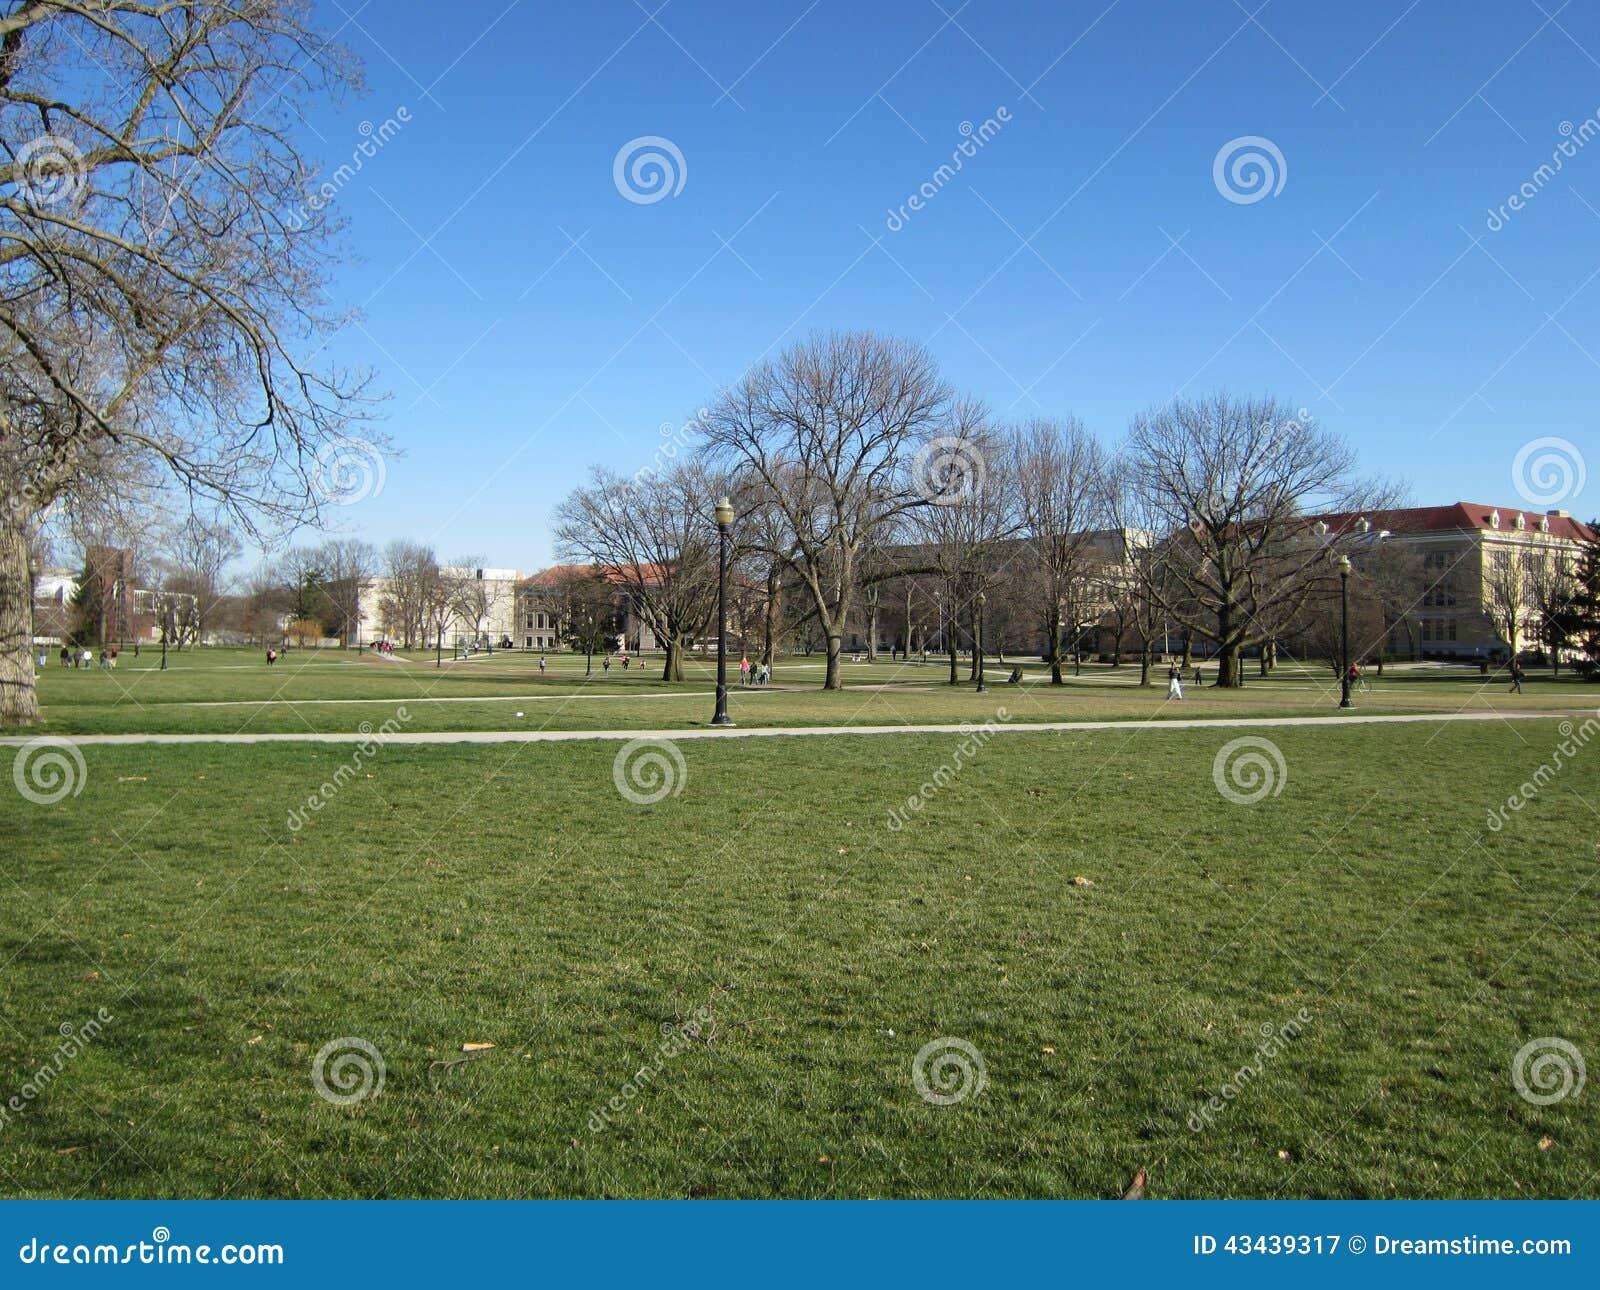 Campus-Rasenfläche